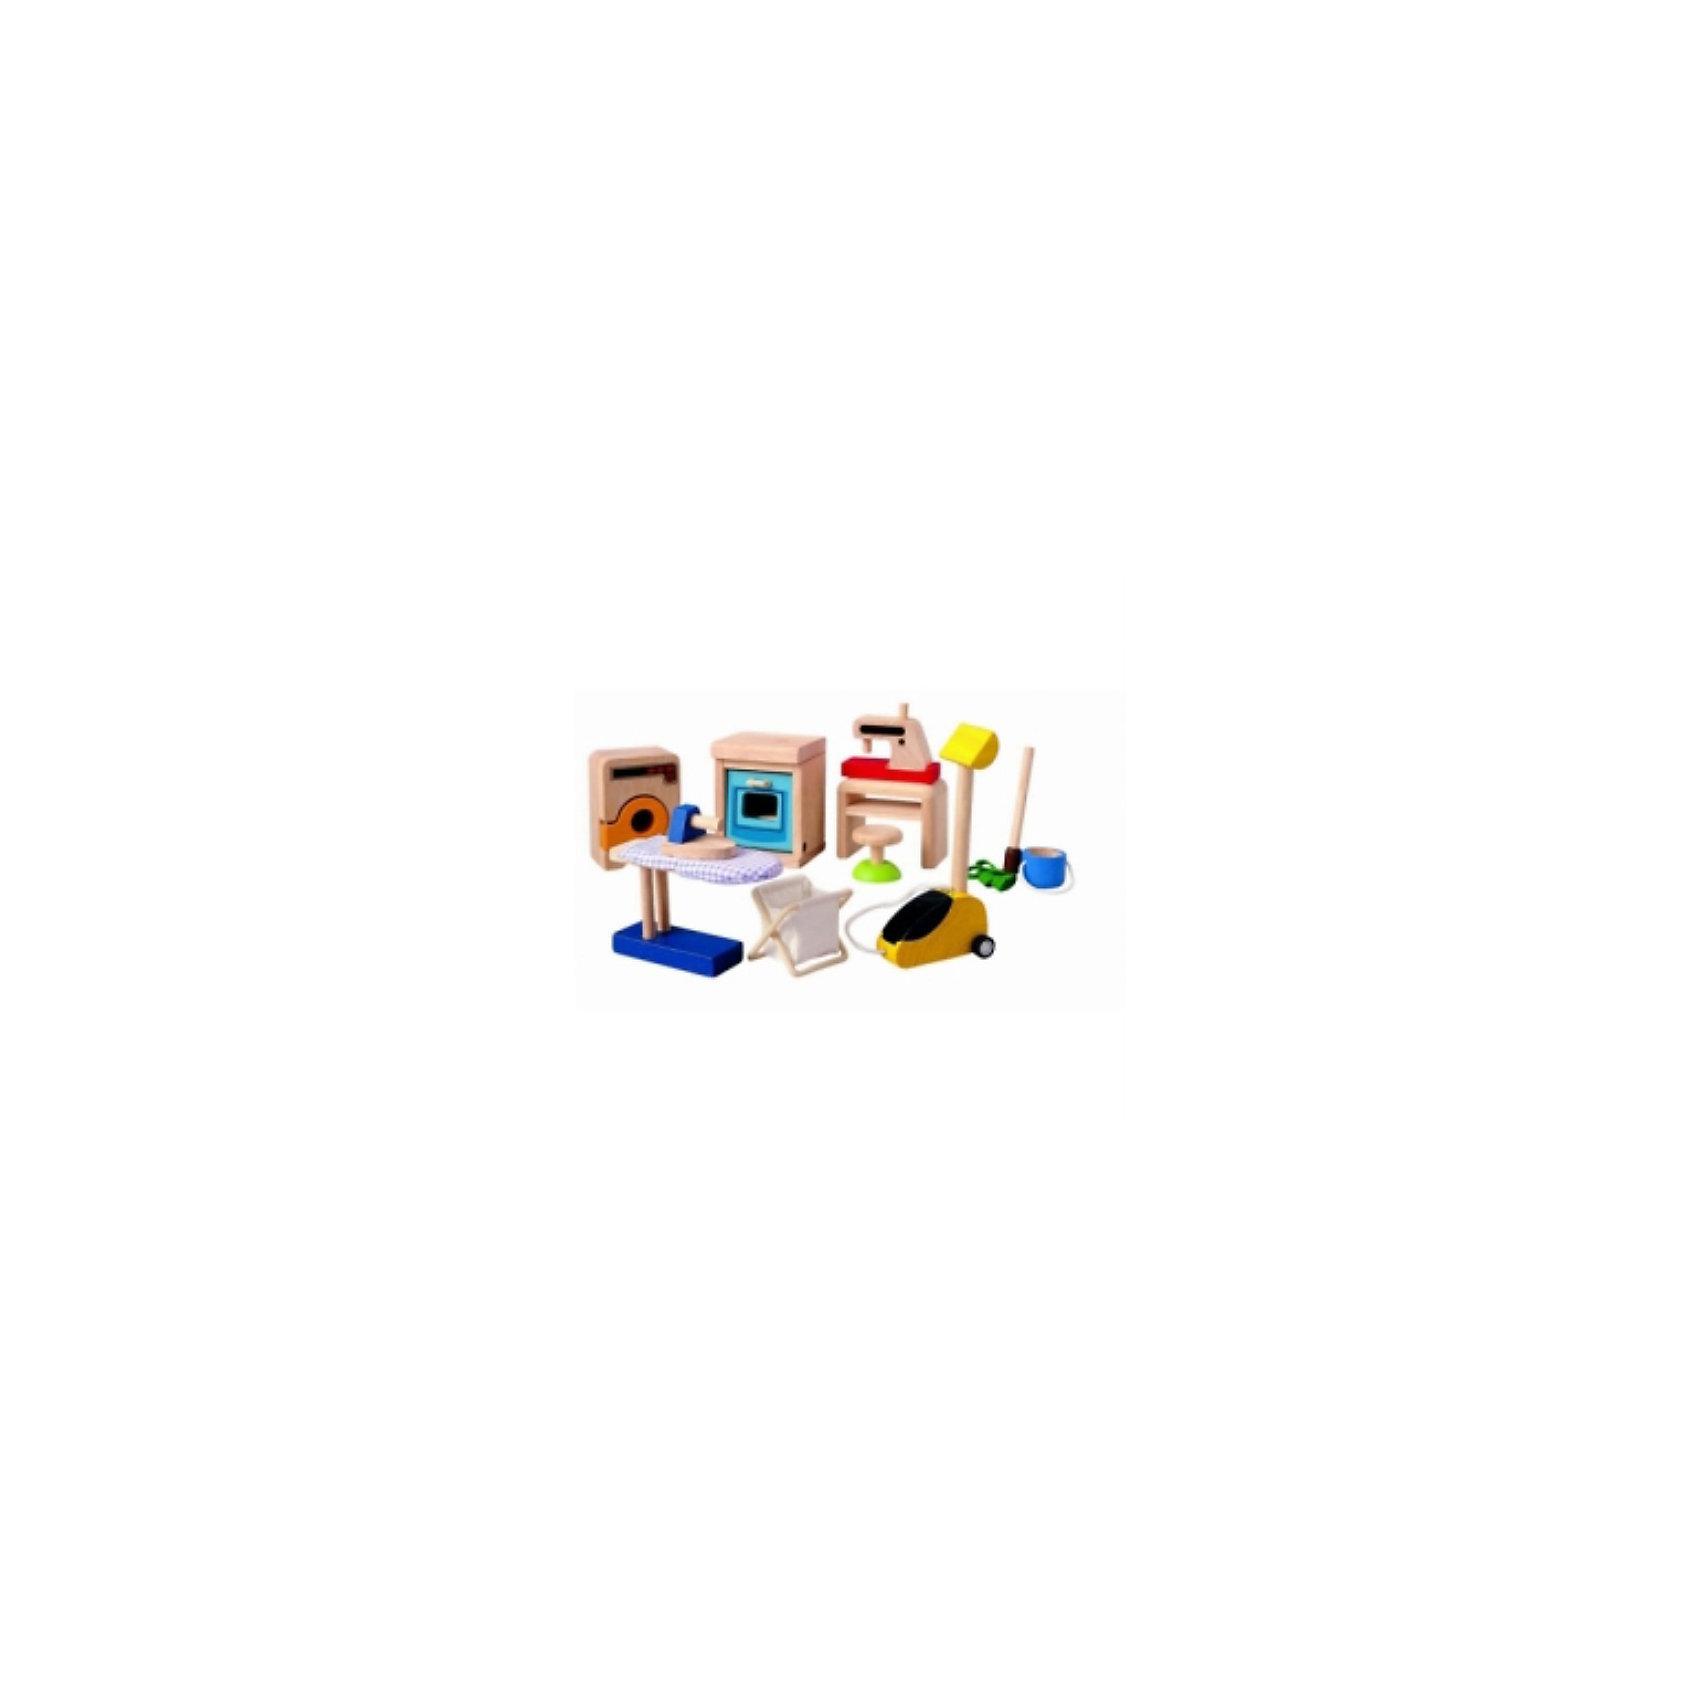 PLAN TOYS 9710 Аксессуары для кукольного домаДеревянные куклы, домики и мебель<br>PLAN TOYS (Плен тойс) 9710: Аксессуары для кукольного дома.<br><br>Характеристика:<br><br>• Материал: каучуковое дерево, нетоксичные краски на водной основе.  <br>• Размер упаковки: 18,8х7,5х18,8 см.<br>• Размер духовки: 6х5х7,6 см.<br>• Комплектация: стиральную машину, духовой шкаф, швейную машину со стулом, гладильную доску с утюгом и корзиной для белья, пылесос и ведро со шваброй. <br>• Все детали набора отлично детализированы и реалистично раскрашены. <br>• Безопасные закругленные края. <br><br>Многочисленные аксессуары для кукольного дома сделают игры еще реалистичнее и интереснее. Все игрушки изготовлены из высококачественных материалов с применением гипоаллергенных, нетоксичных красителей, не имеют острых углов, которые могут травмировать ребенка, очень похожи на настоящие бытовые приборы. Прекрасный вариант для сюжетно-ролевых игр. <br><br>PLAN TOYS (Плен тойс) 9710: Аксессуары для кукольного дома можно купить в нашем интернет-магазине.<br><br>Ширина мм: 75<br>Глубина мм: 188<br>Высота мм: 188<br>Вес г: 650<br>Возраст от месяцев: 12<br>Возраст до месяцев: 1164<br>Пол: Женский<br>Возраст: Детский<br>SKU: 2175355